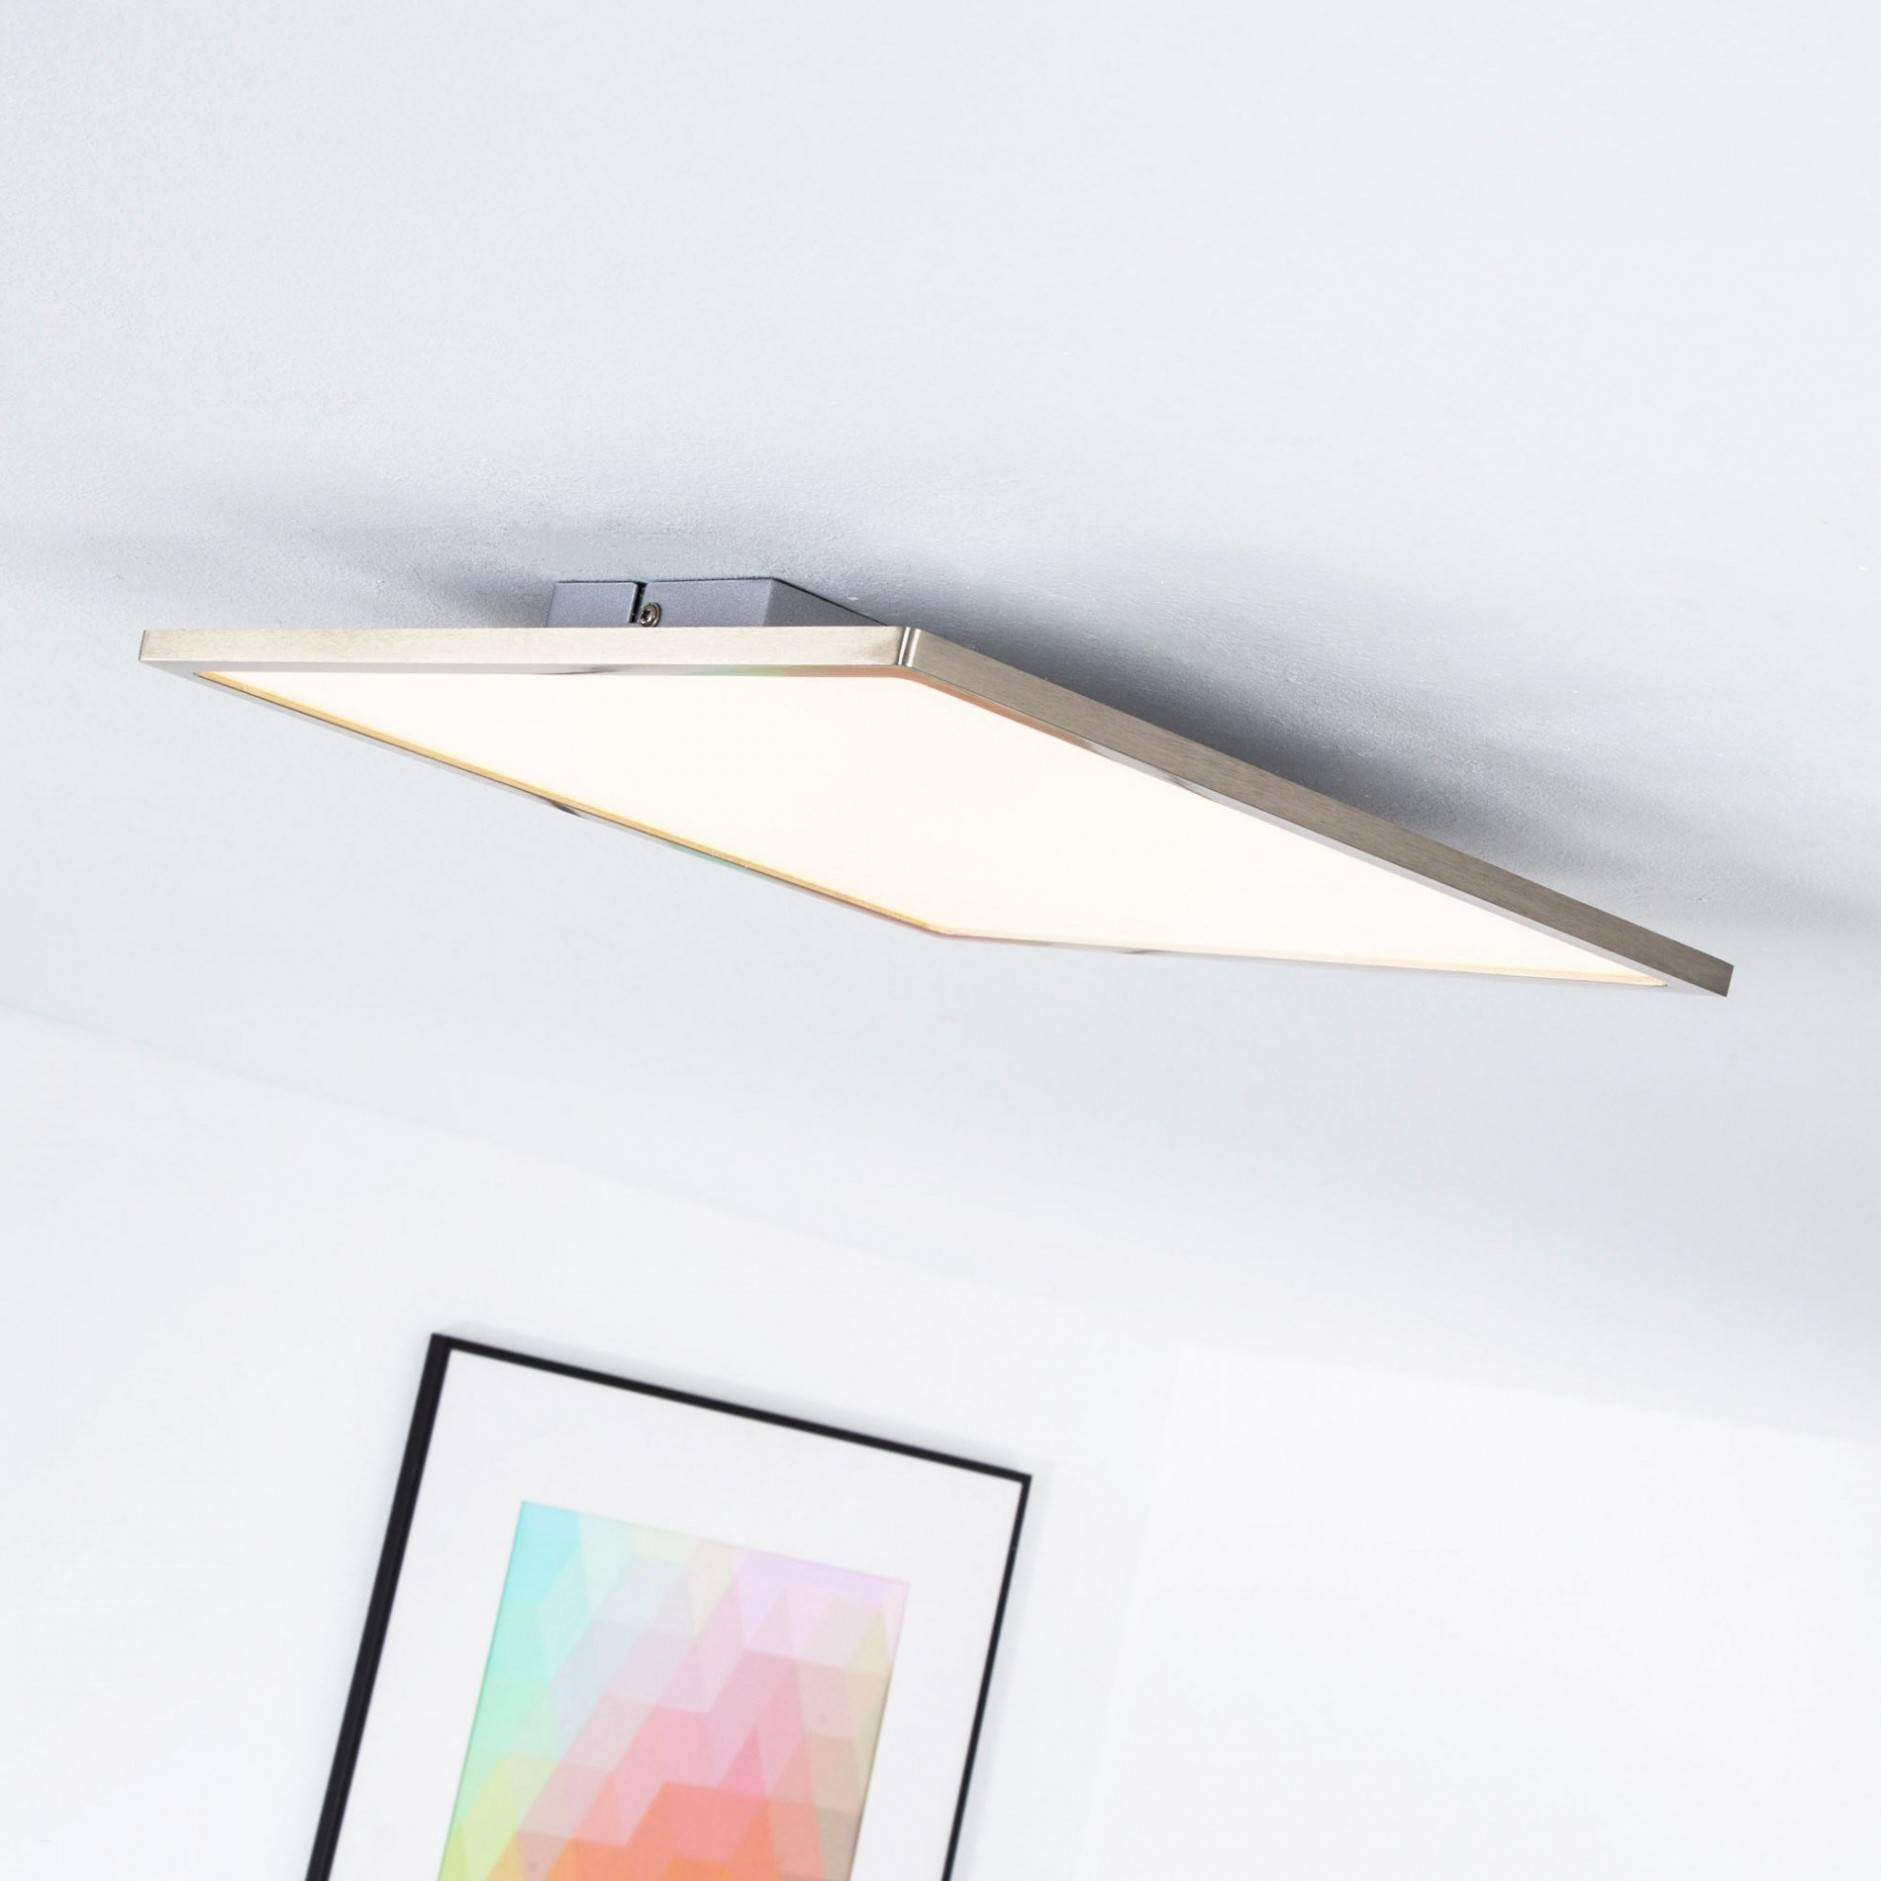 wohnzimmer lampe led elegant wohnzimmer lampe design inspirational deckenlampe of wohnzimmer lampe led